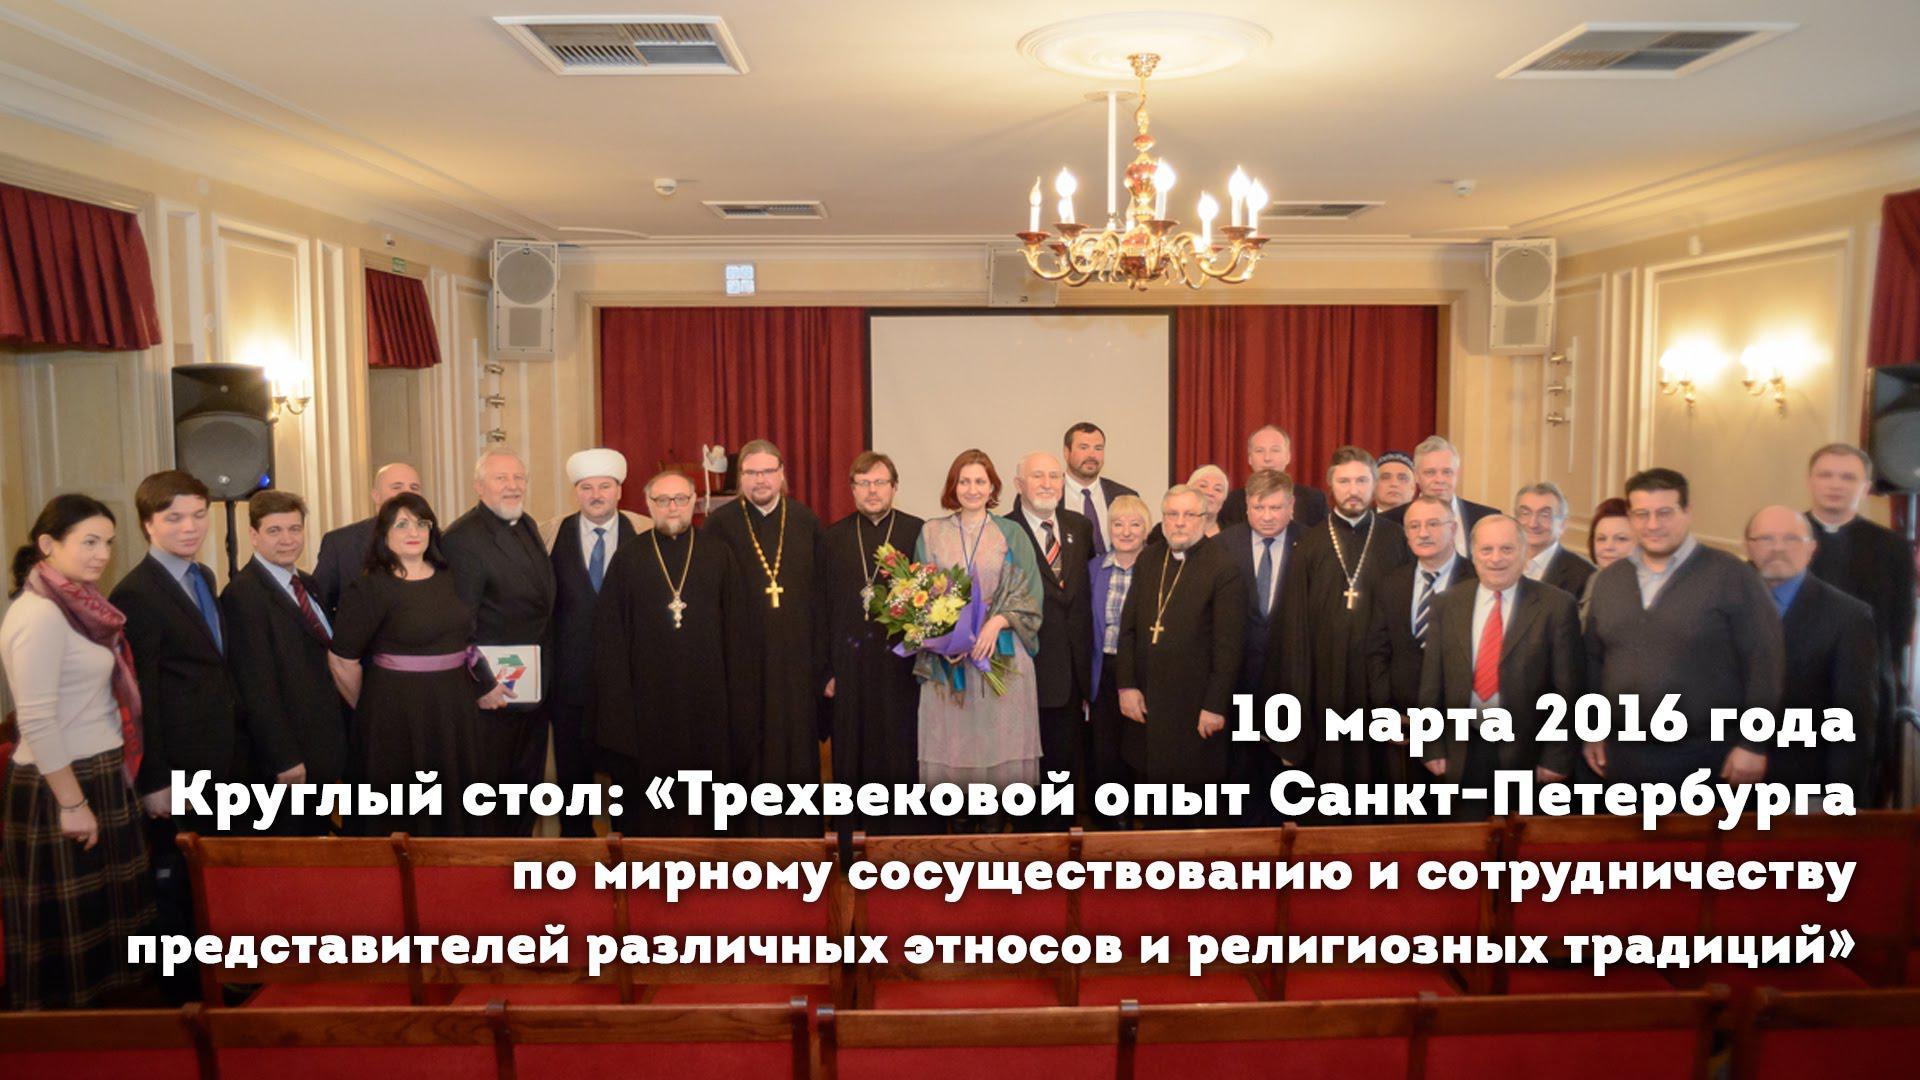 Embedded thumbnail for Трехвековой опыт Санкт-Петербурга по мирному взаимодействию разных религиозных традиций